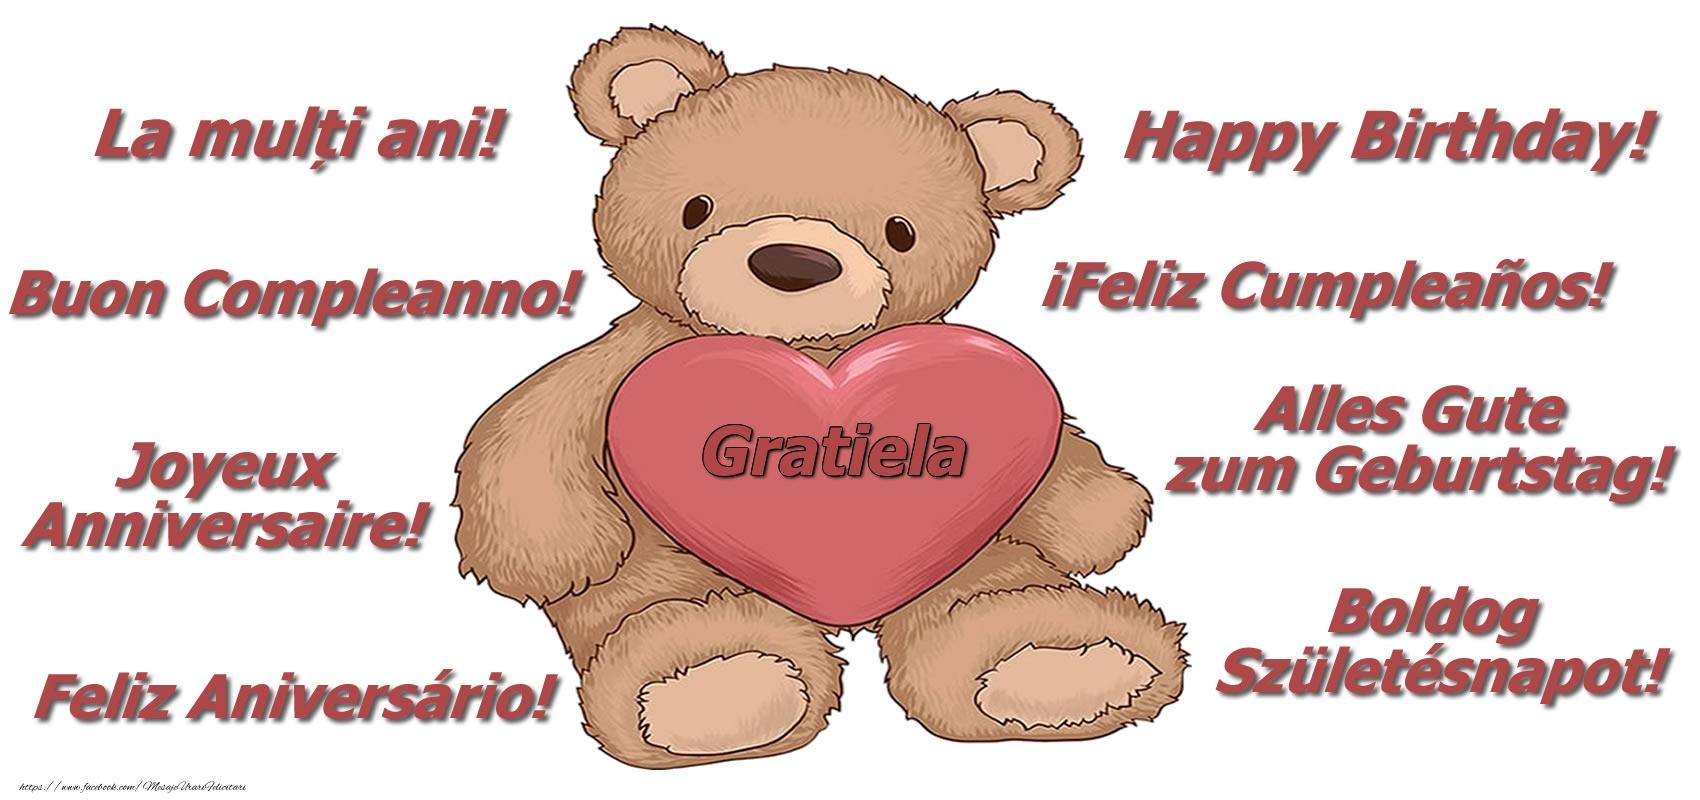 Felicitari de zi de nastere - La multi ani Gratiela! - Ursulet